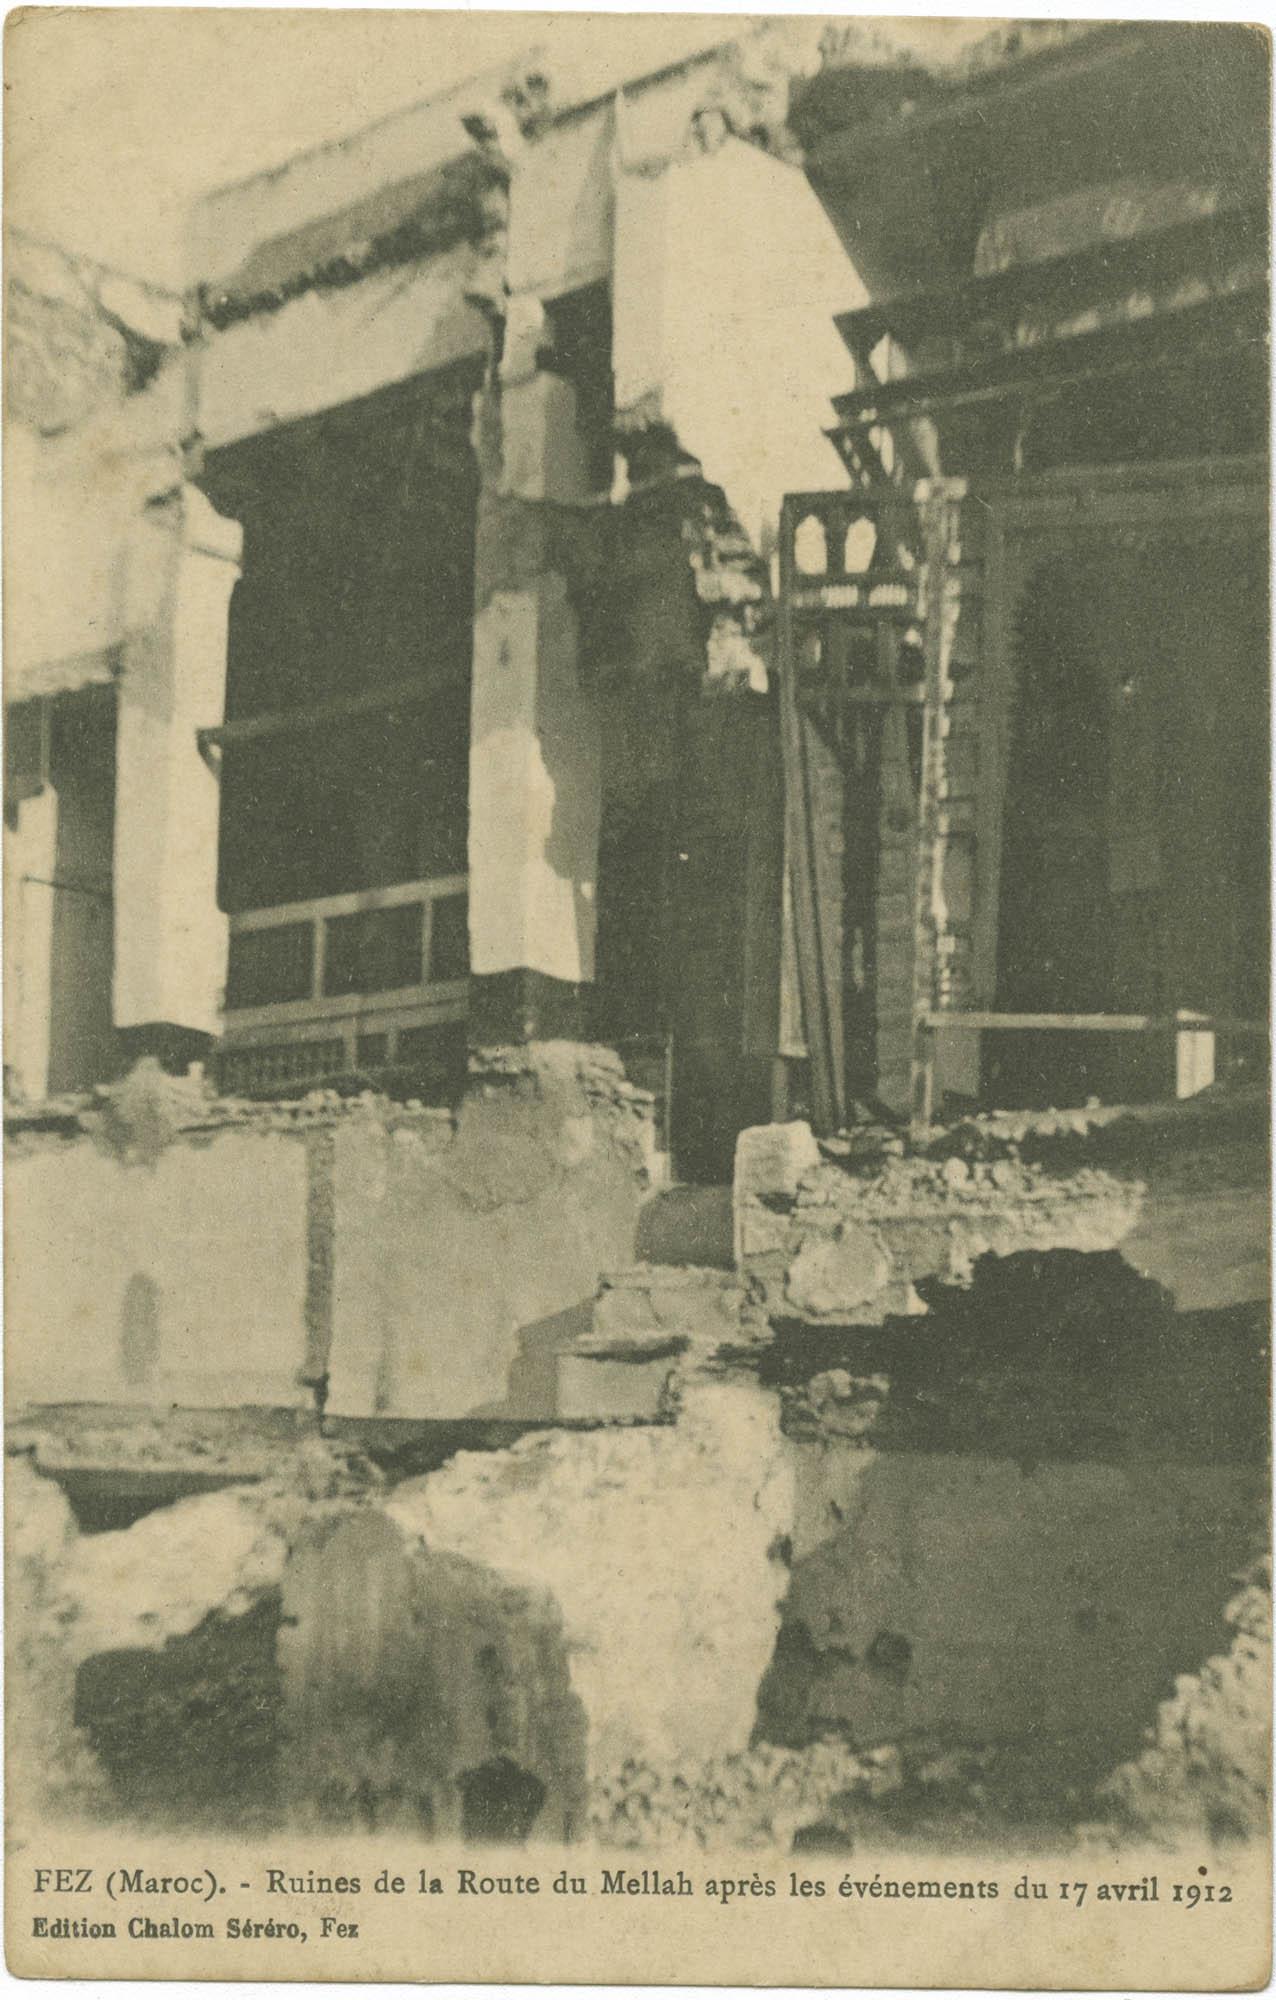 FEZ (Maroc). - Ruines de la Route du Mellah après les événements du 17 avril 1912.